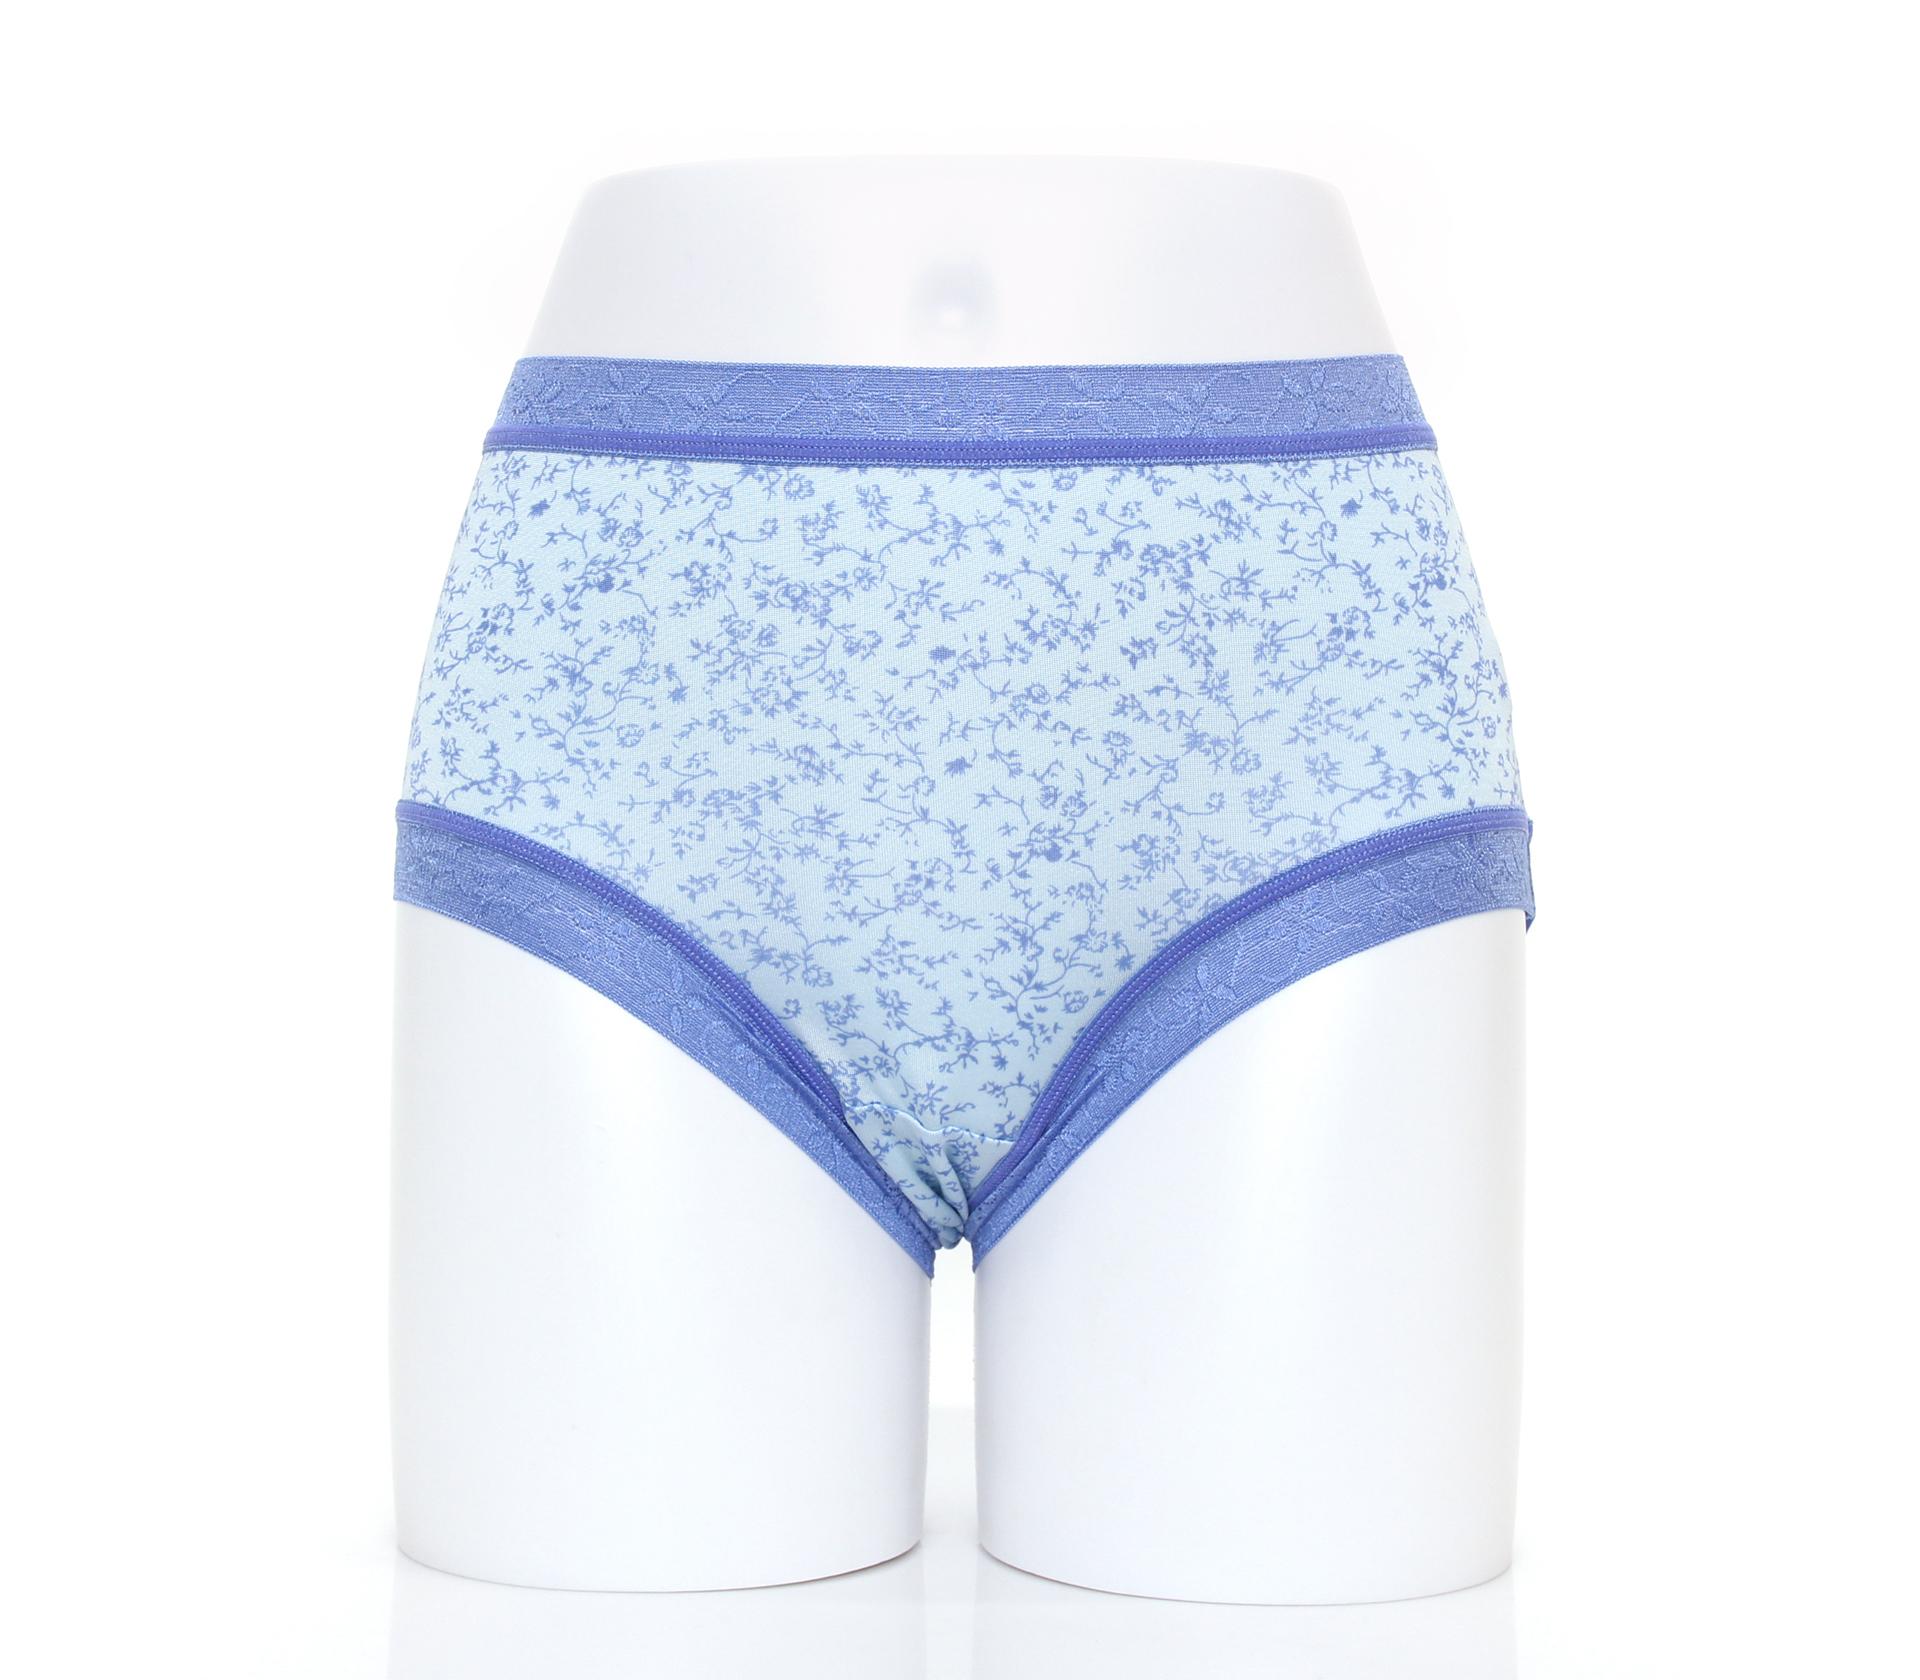 闕蘭絹日系零著感100%蠶絲內褲-88110(印花藍)